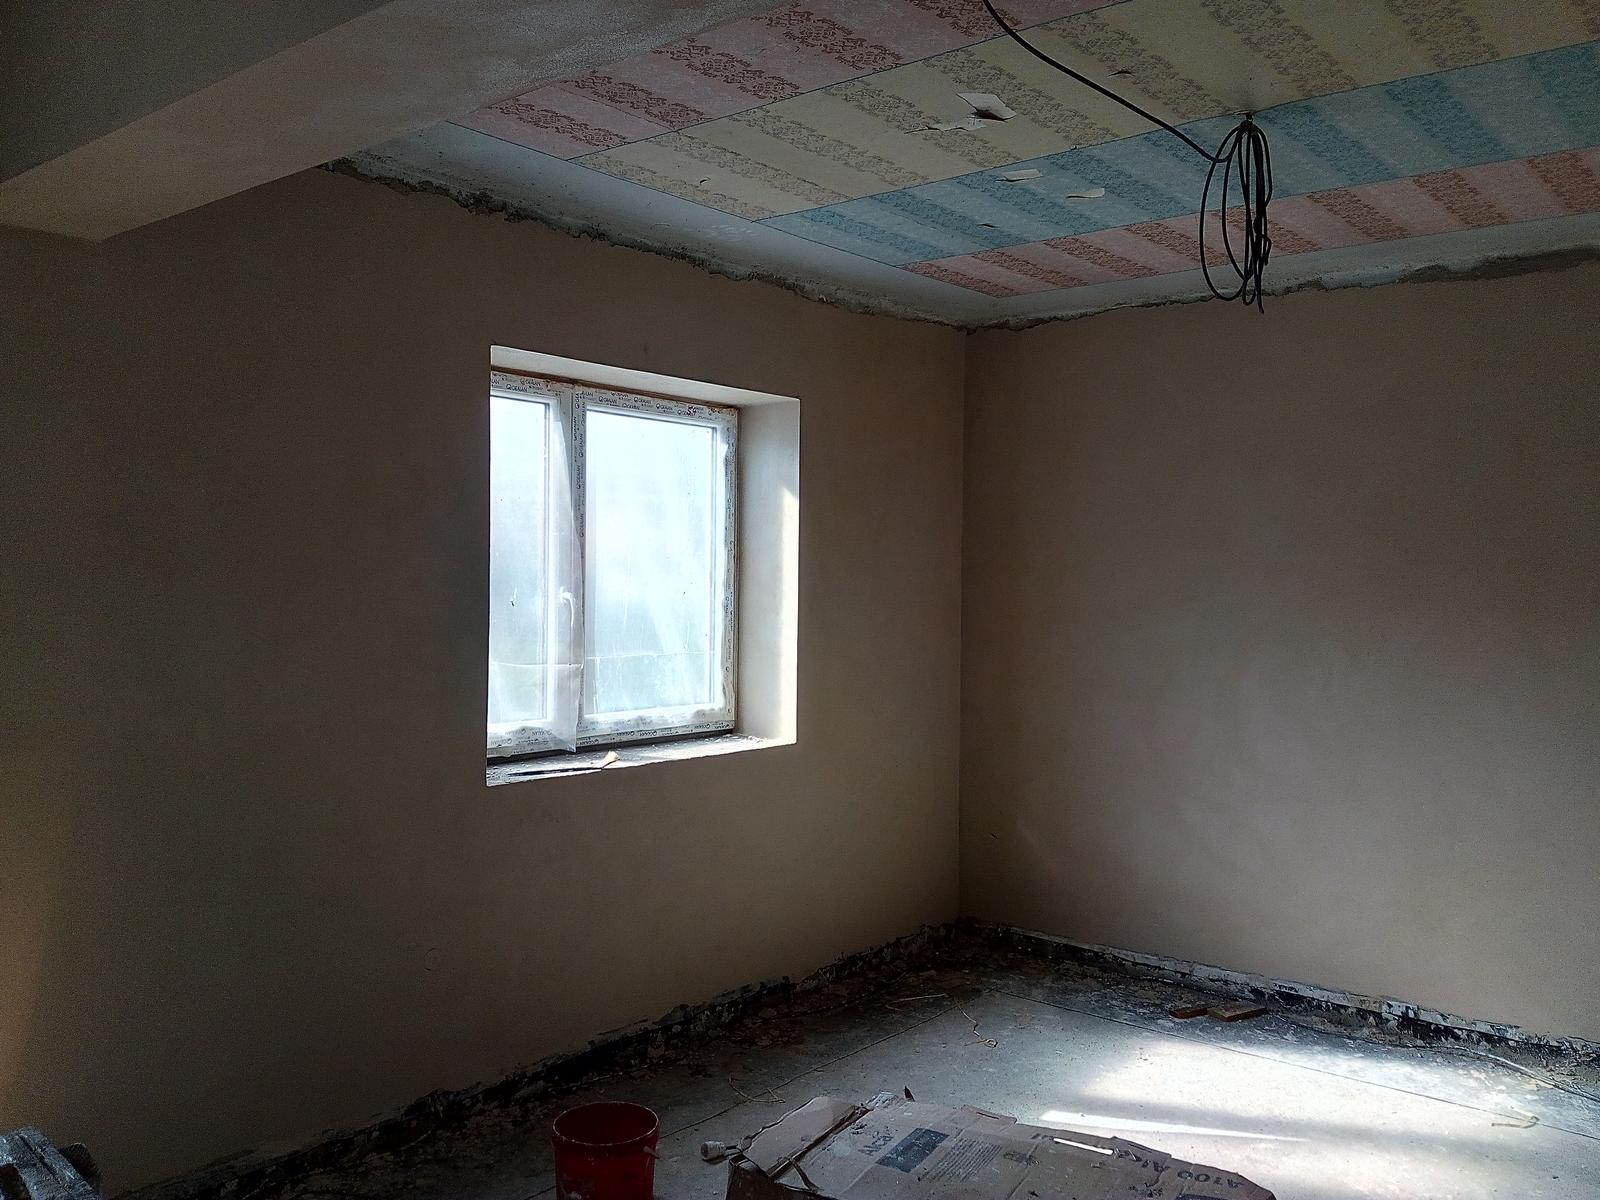 Tak už to bude téměř rok co jsme začali rekonstruovat barák.Už se pomalu ale jistě blížíme ke konci :-) - Obrázek č. 3